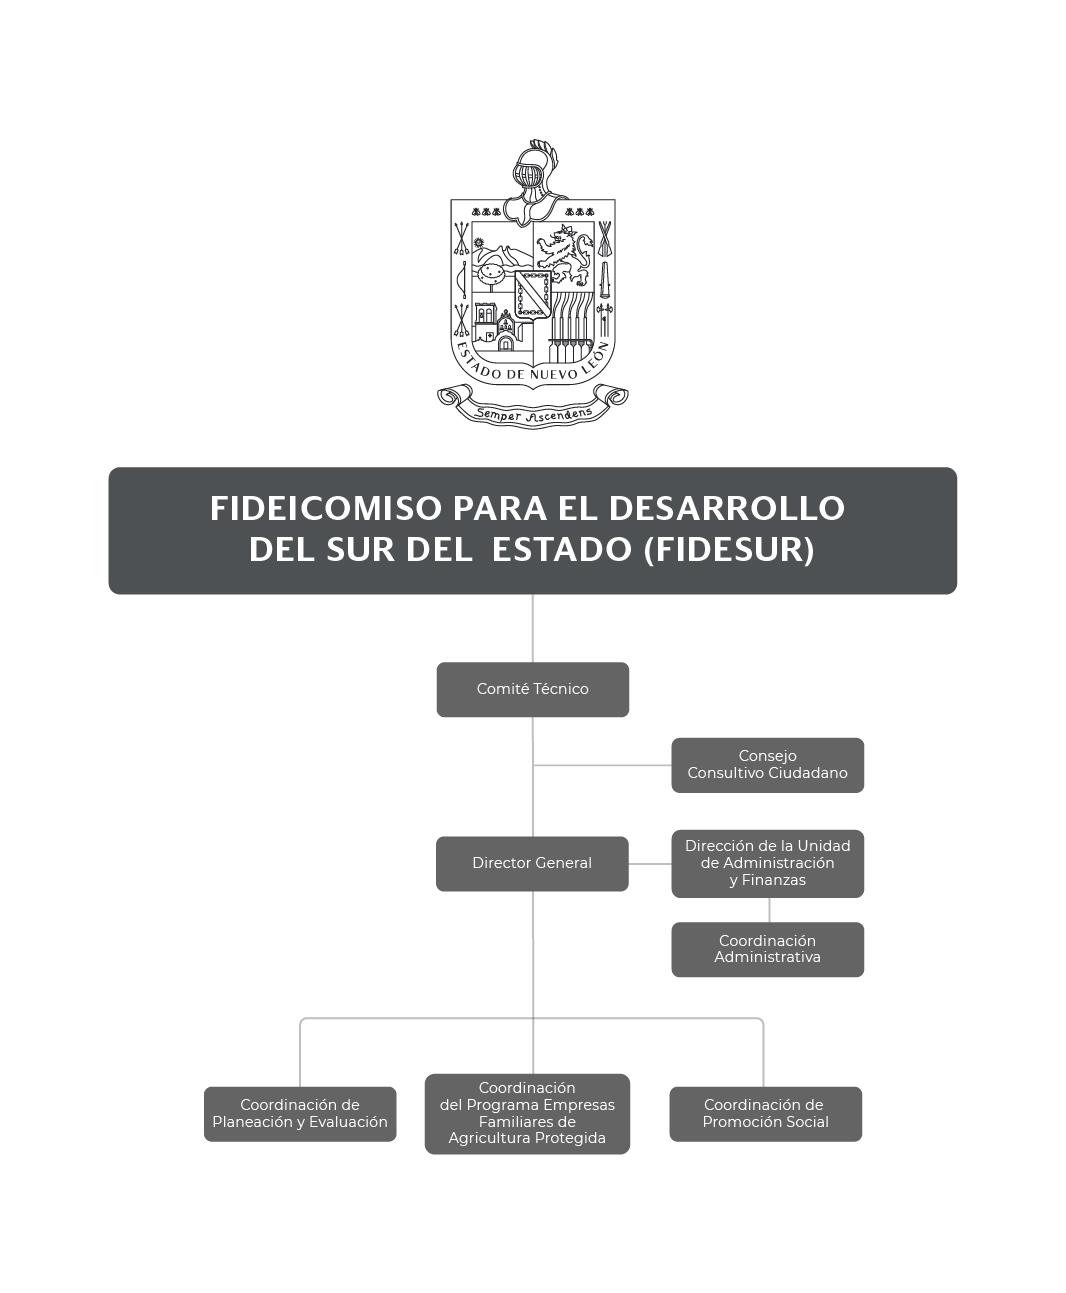 Organigrama del Fideicomiso para el Desarrollo del Sur del Estado de Nuevo León (FIDESUR)